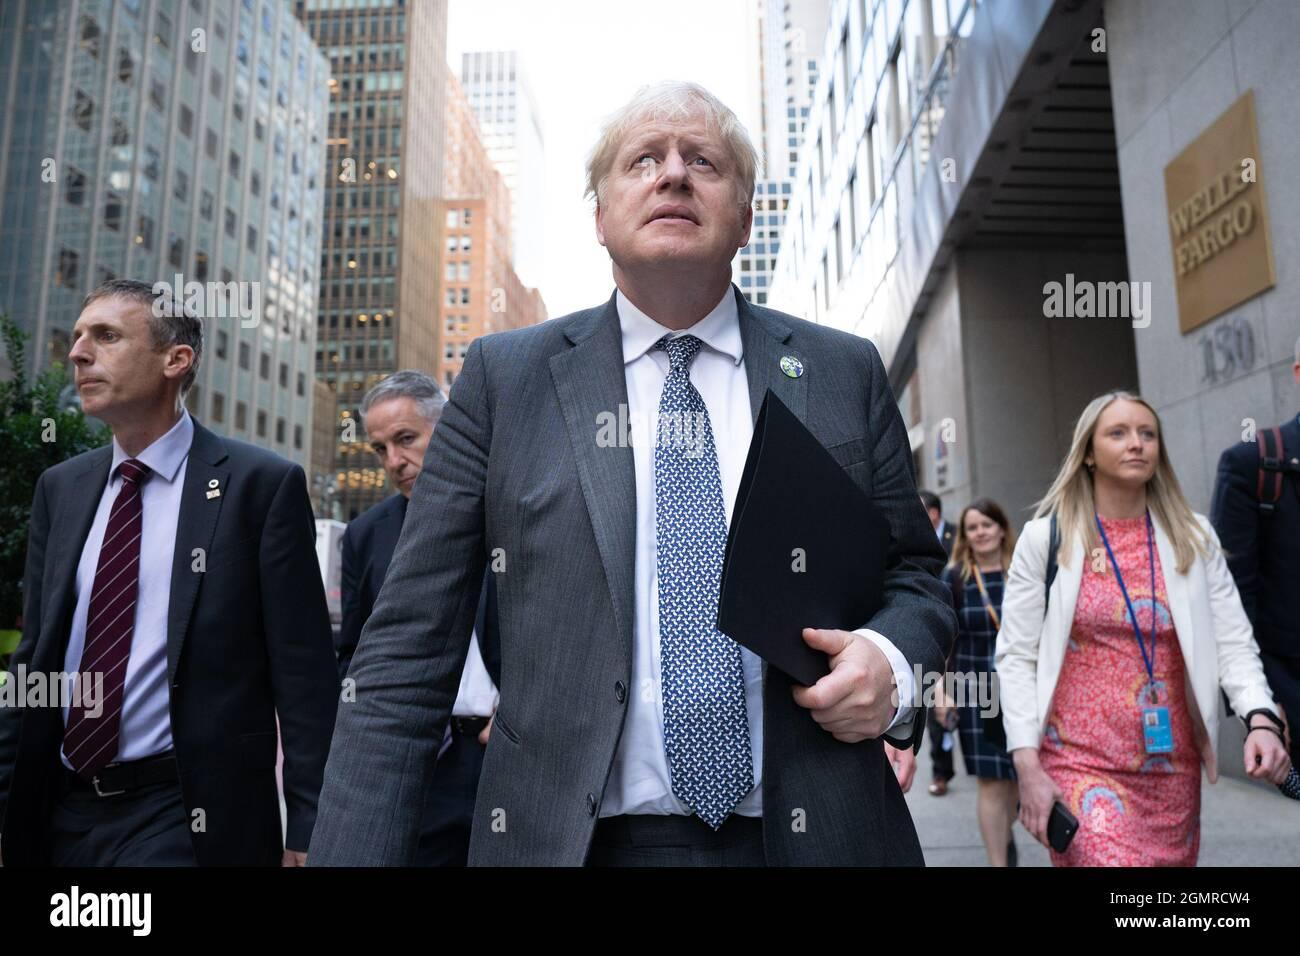 Le Premier ministre Boris Johnson se rend à New York pour une interview télévisée, tout en assistant à l'Assemblée générale des Nations Unies lors de sa visite aux États-Unis. Date de la photo: Lundi 20 septembre 2021. Banque D'Images